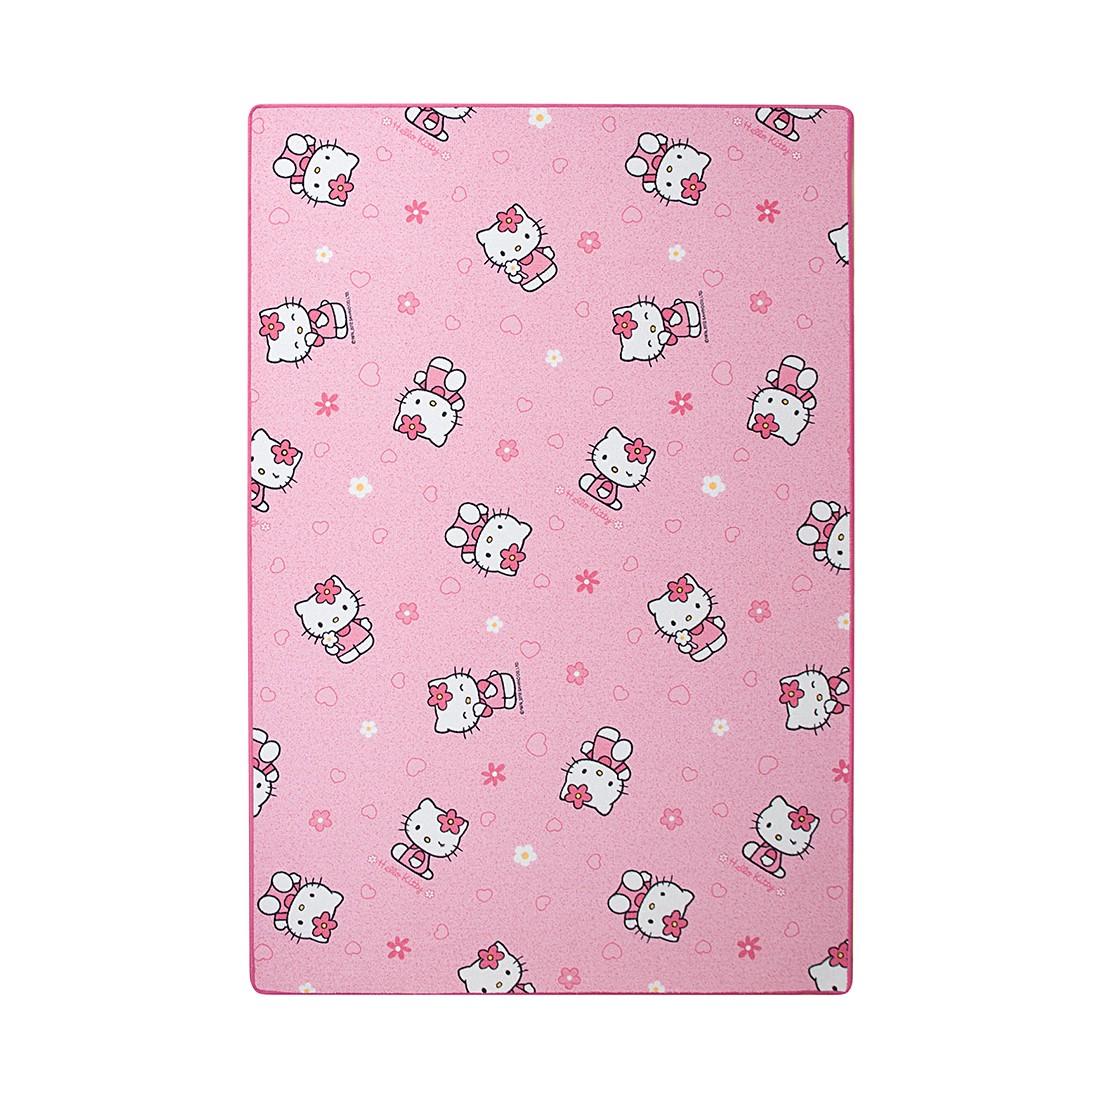 Kinderteppich Hello Kitty – Pink – 60 x 120 cm, Testil bestellen